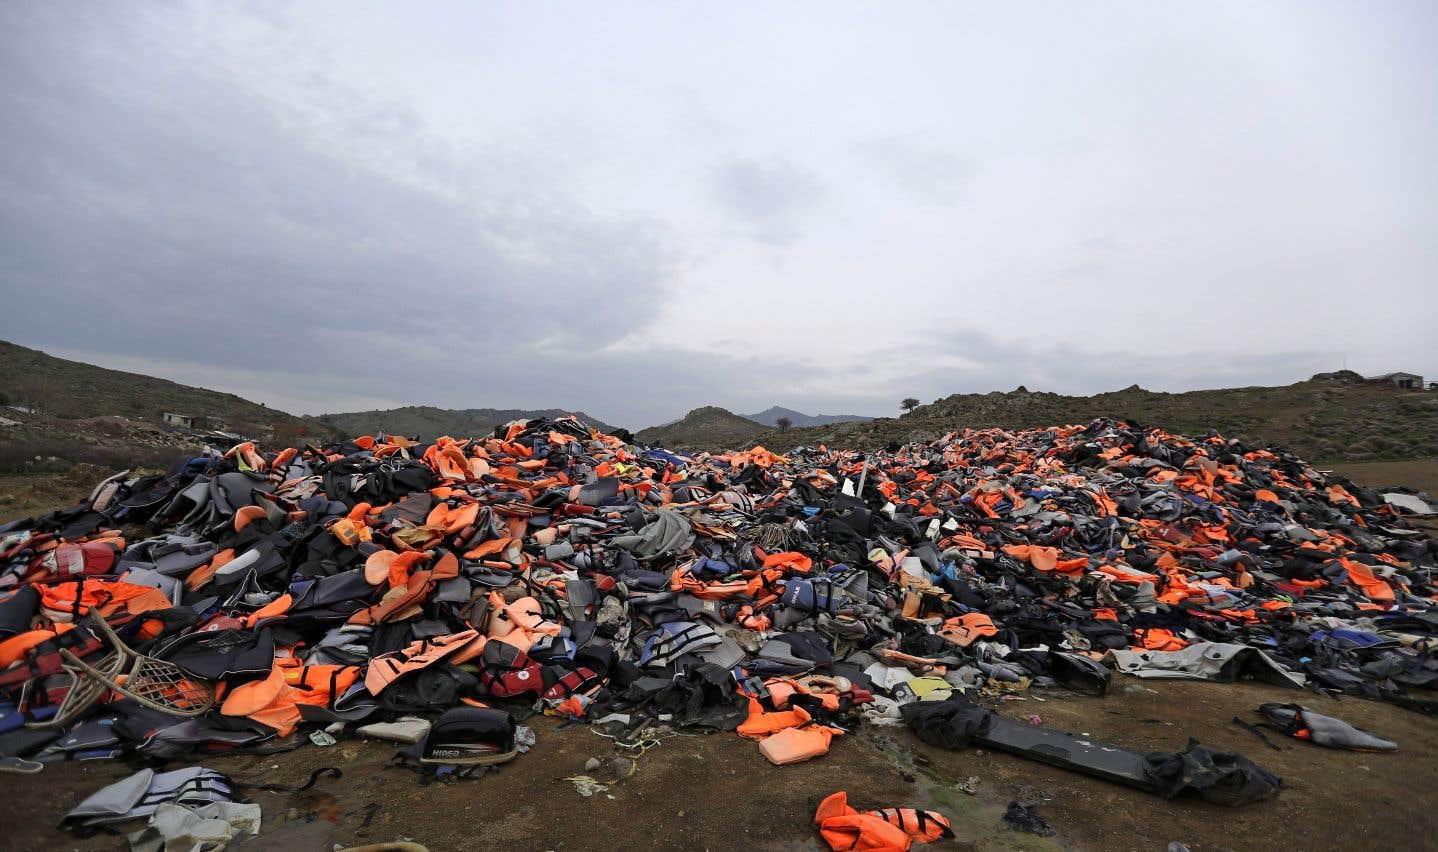 En 2015, les rivages de Lesbos étaient noyés sous les gilets de sauvetage orange abandonnés.